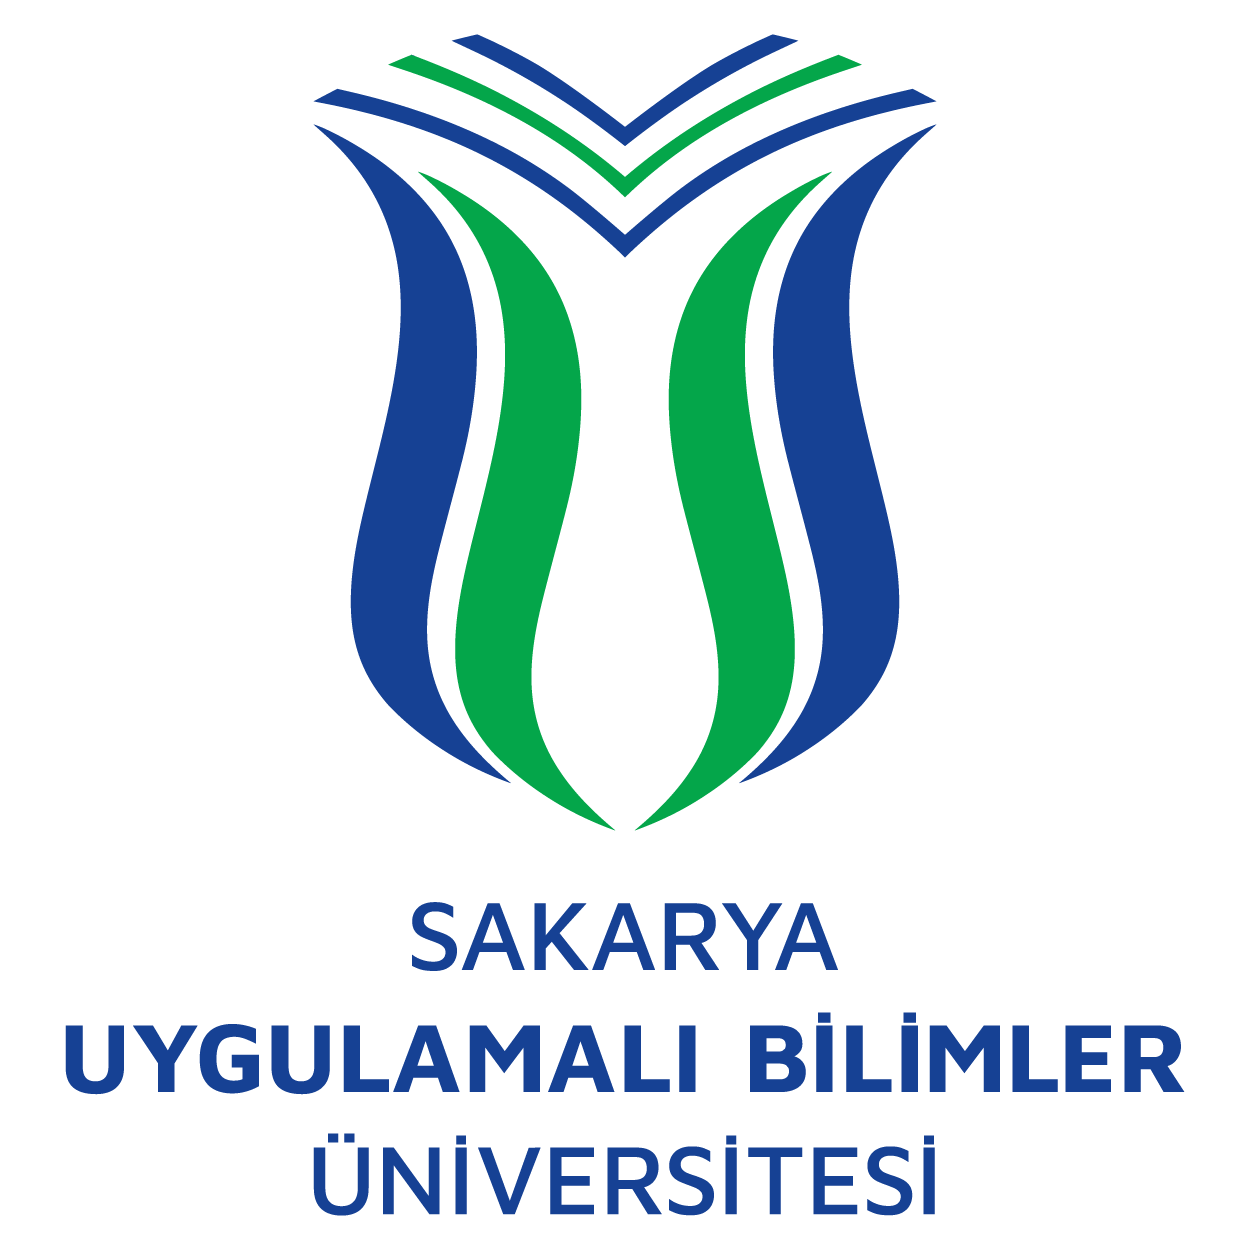 Sakarya Uygulamalı Bilimler Üniversitesi Logo png